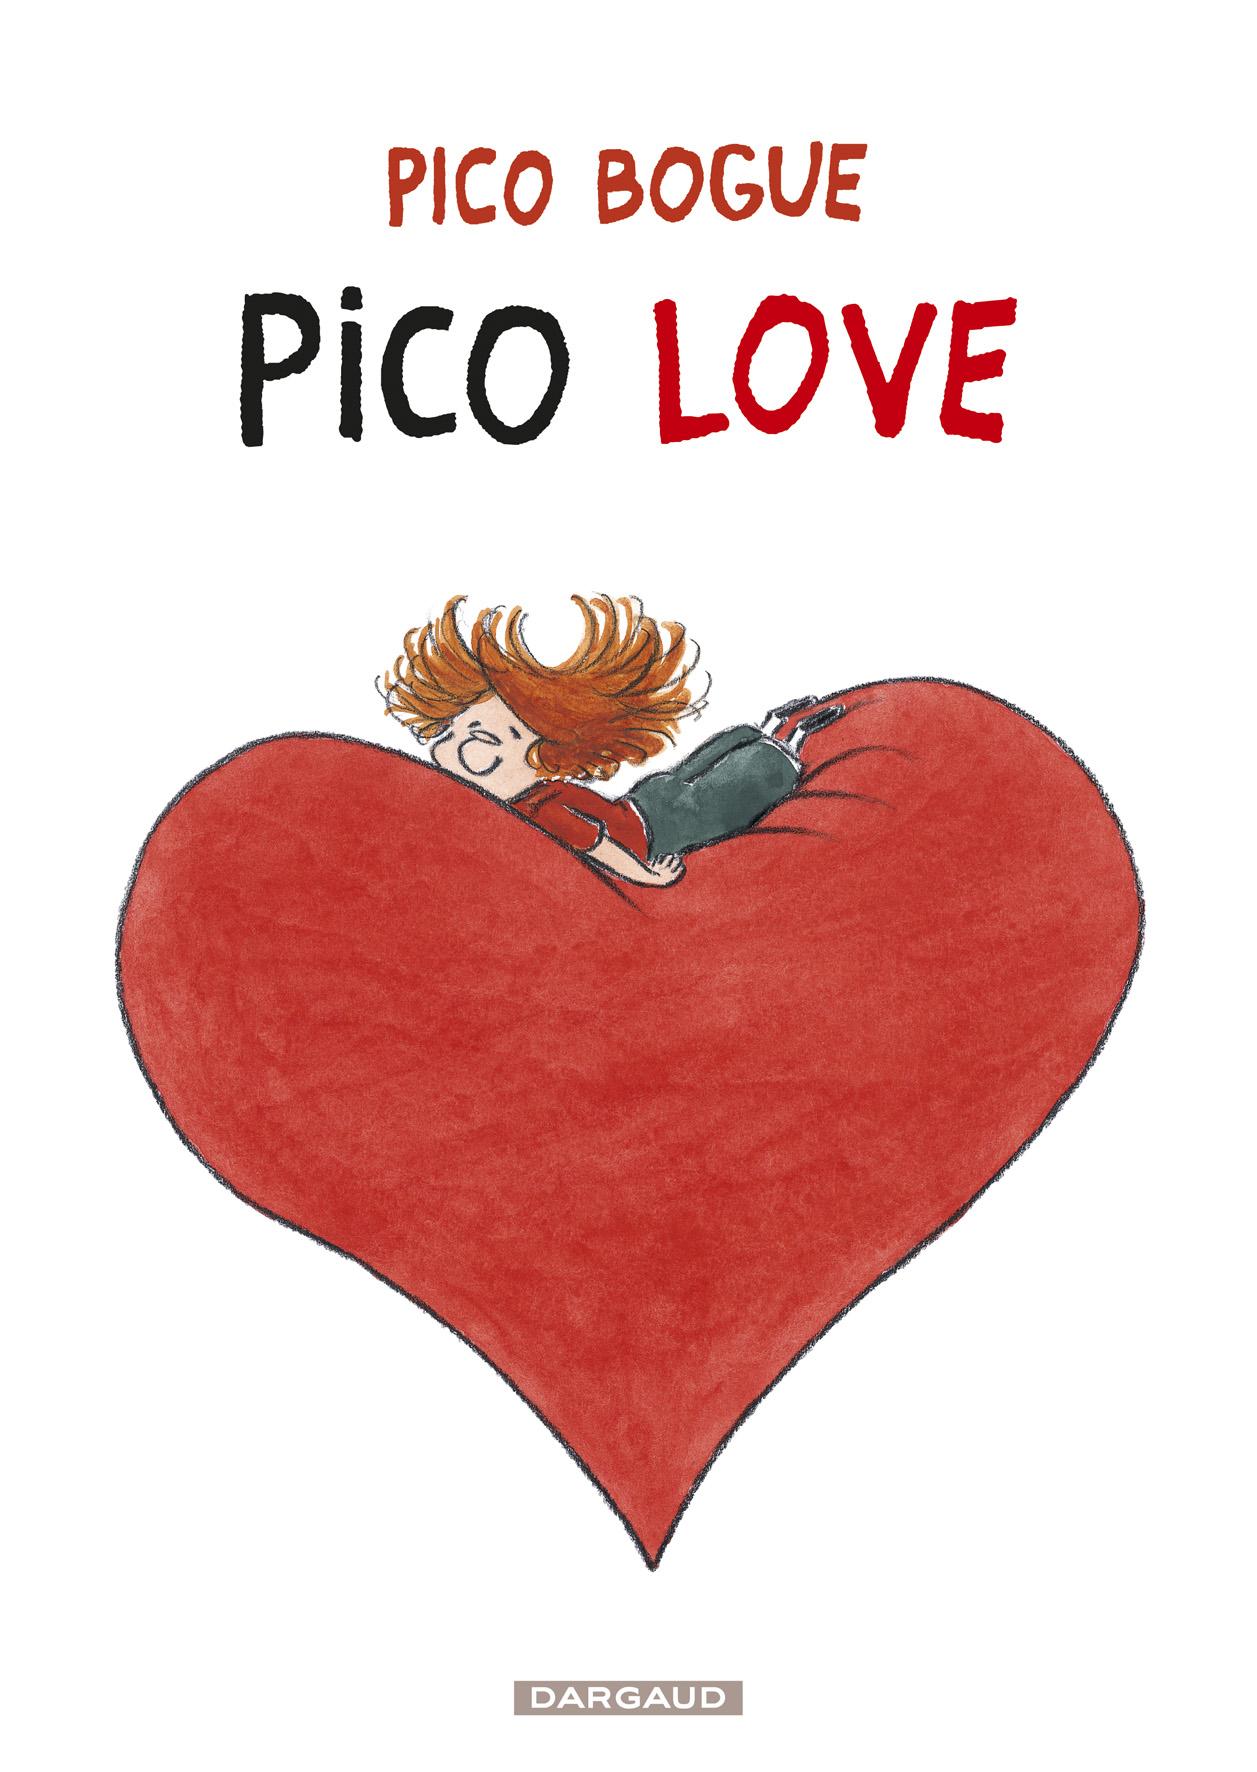 Pico Bogue 4 - Pico Love